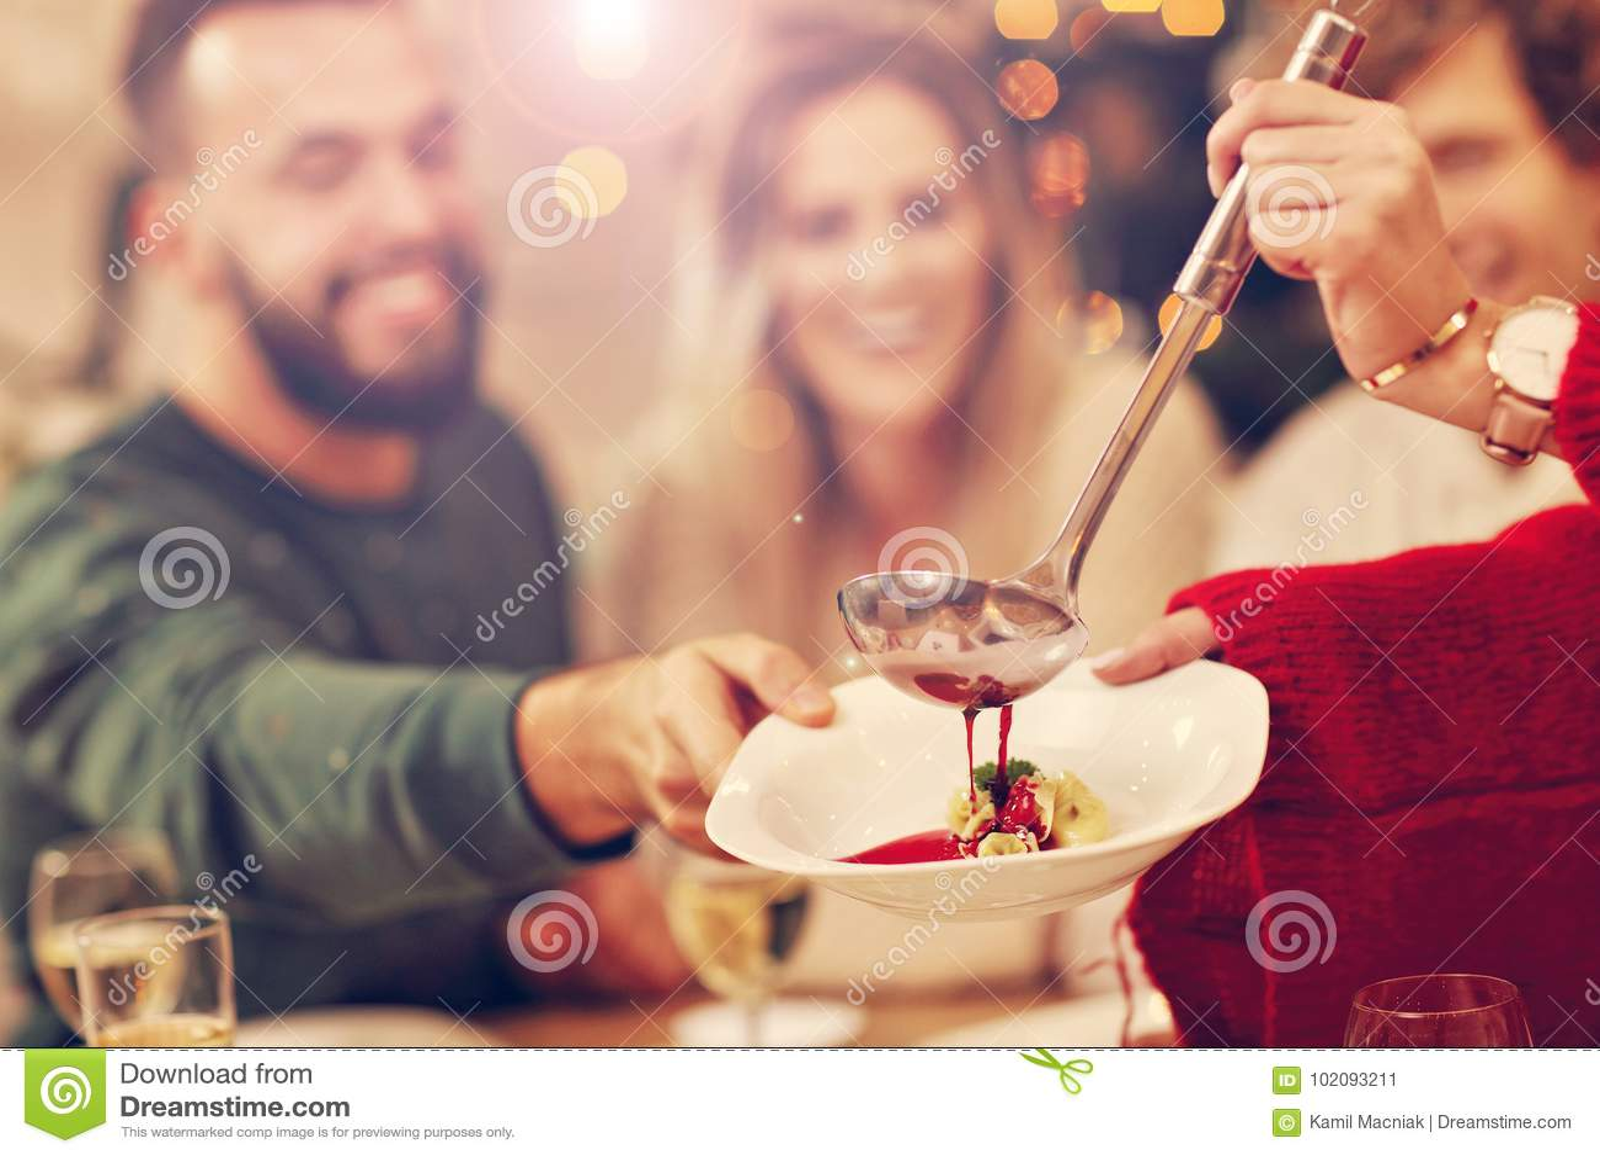 Gruppe Familie und Freunde, die Weihnachtsessen feiern